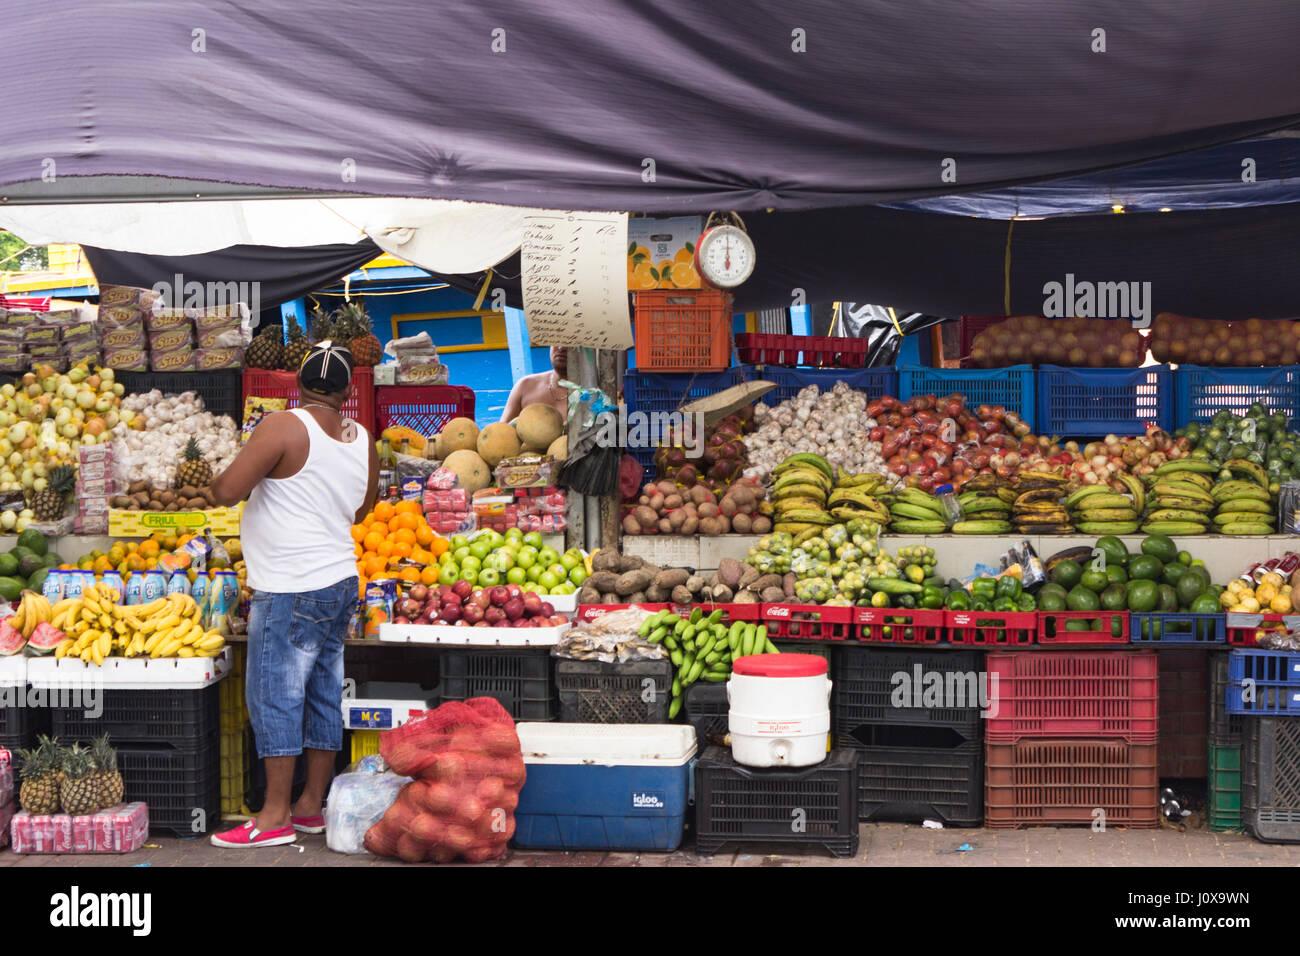 Ein Kreditor mans seinem produzieren Stall auf dem schwimmenden Markt, Willemstad, Curacao - 27.11.2015 Stockbild